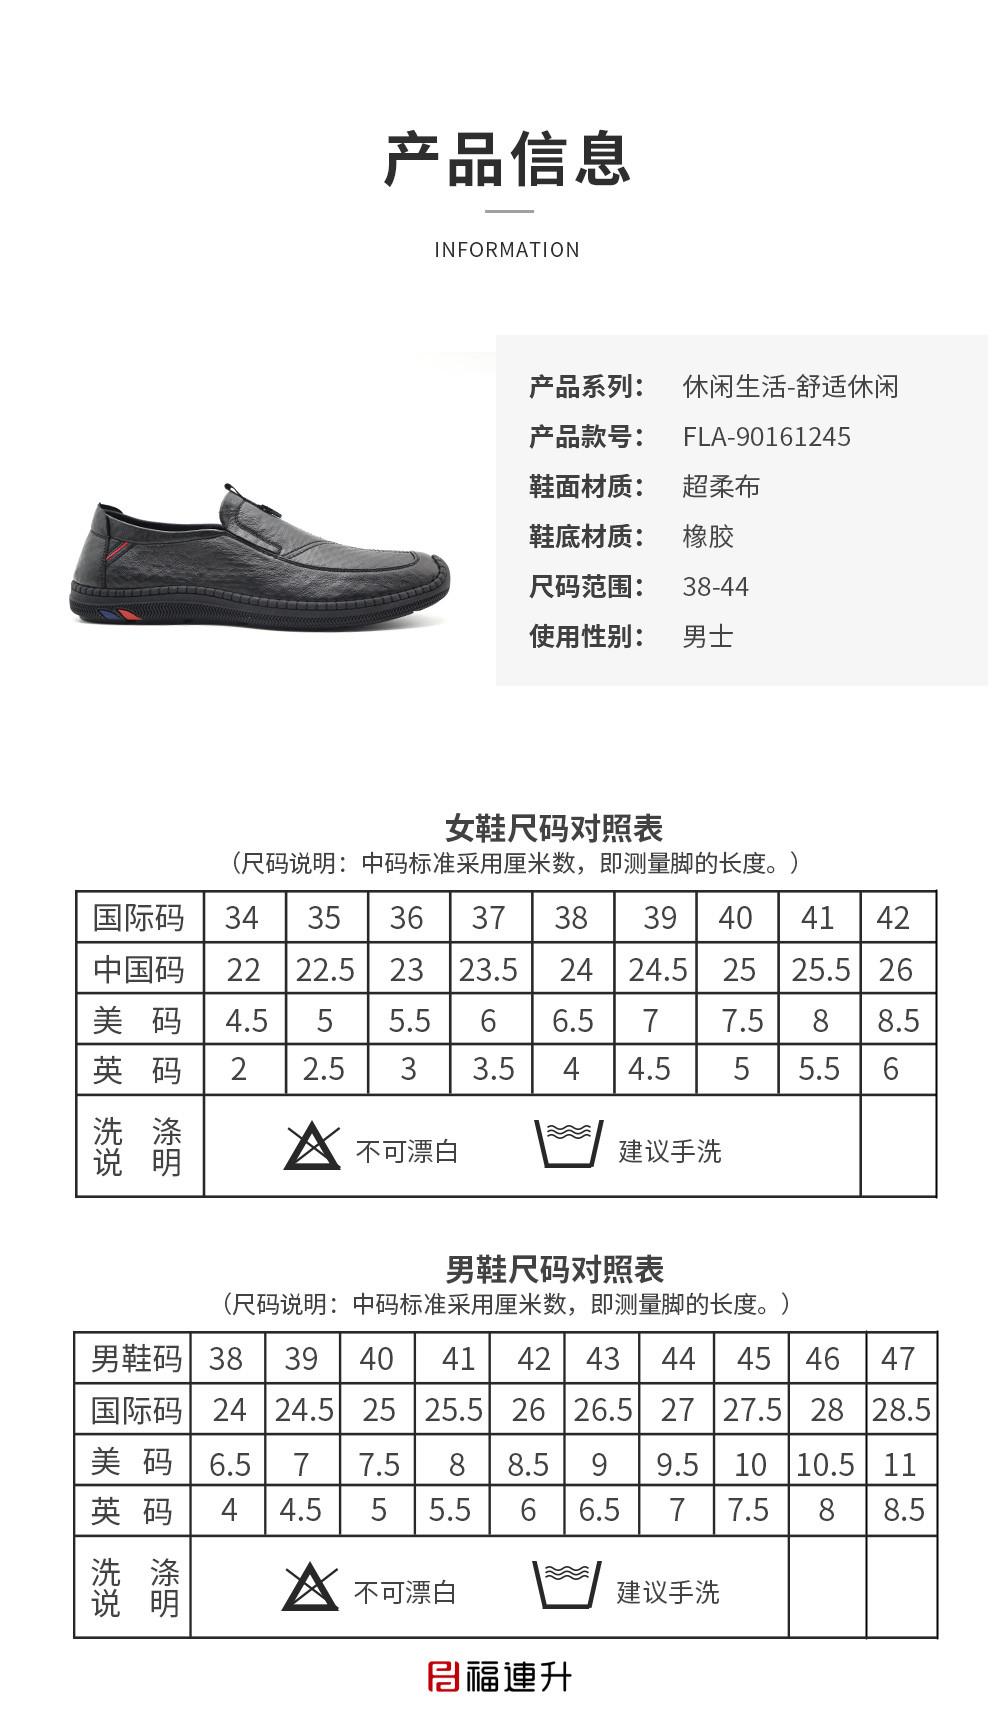 福连升健康舒适休闲鞋男英伦百搭舒适日常时尚商务鞋图片